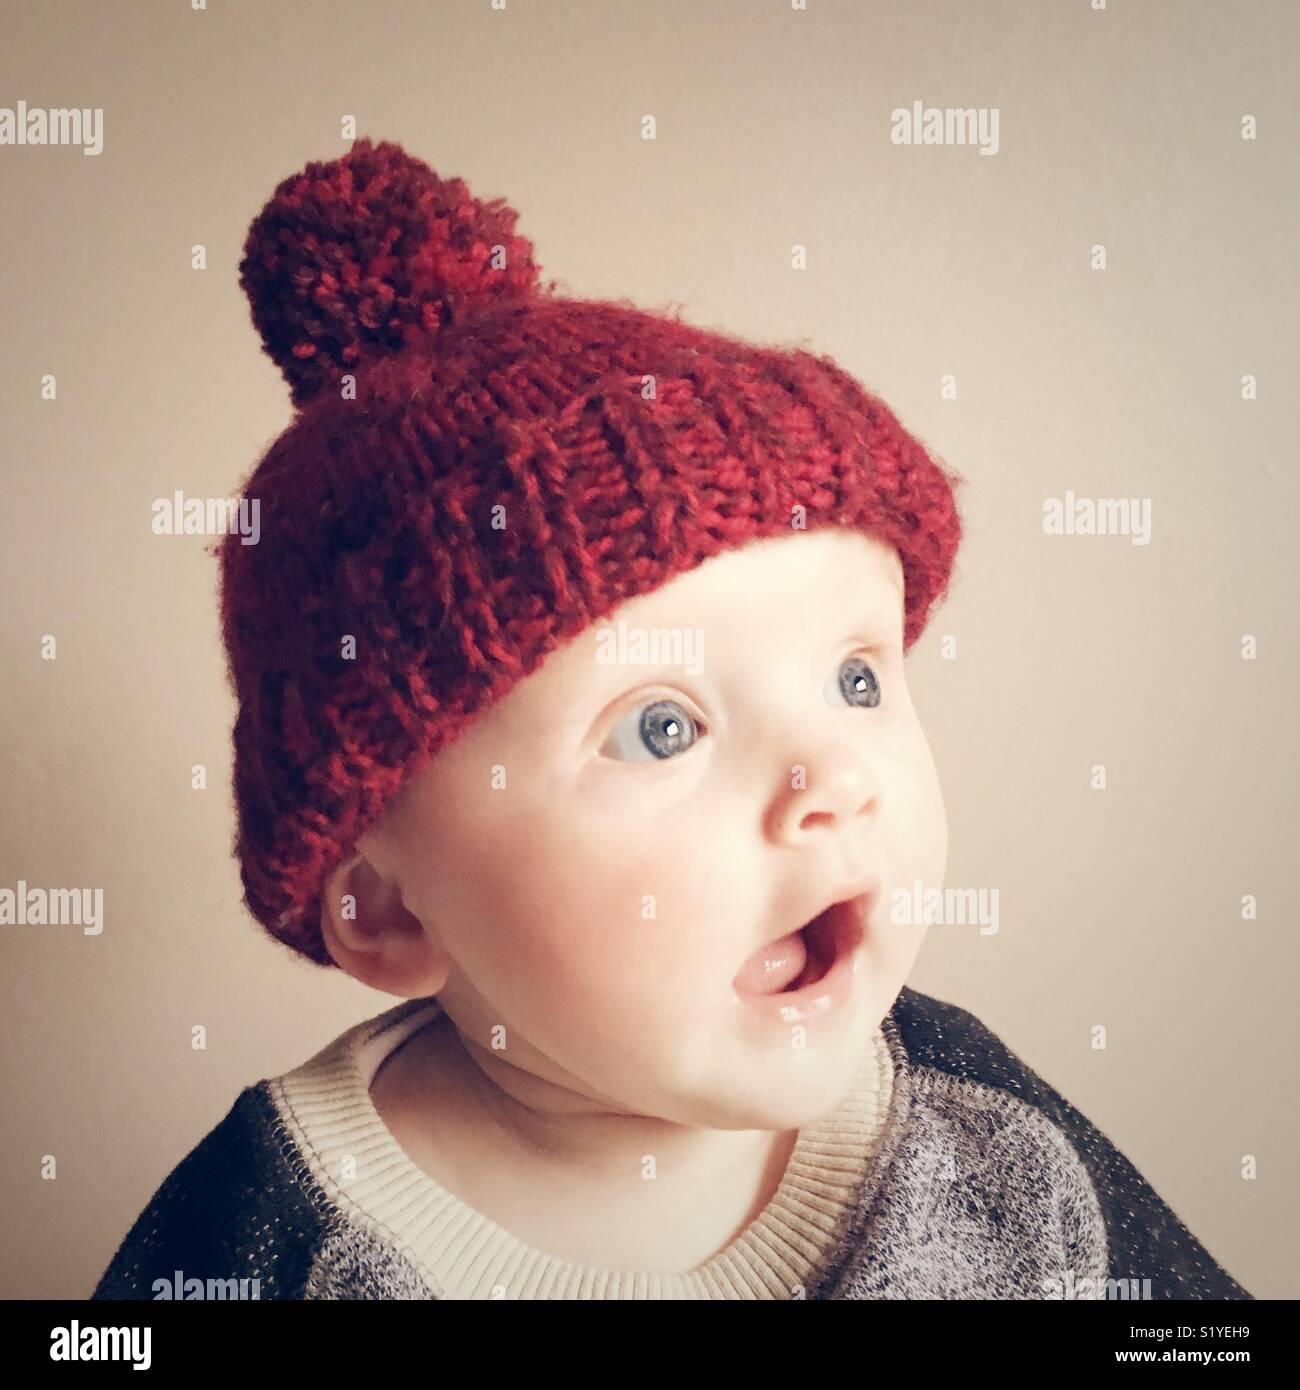 Bebé vistiendo un sombrero lanudo rojo Imagen De Stock